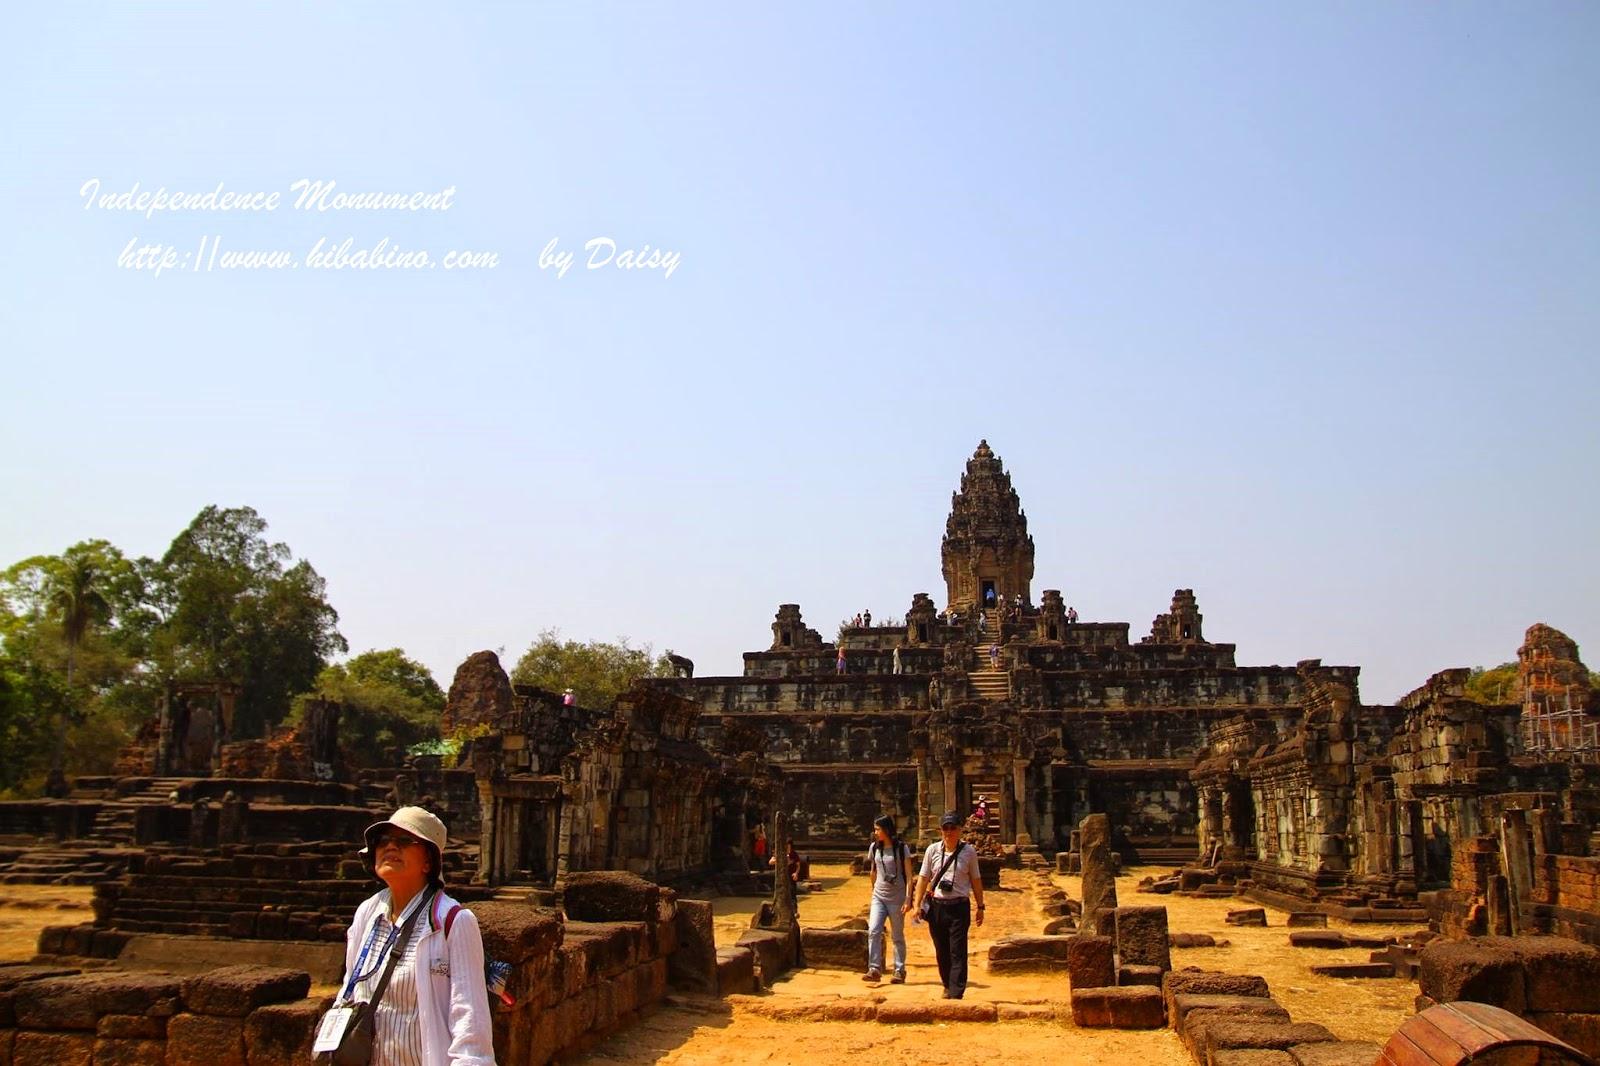 柬埔寨獨立紀念碑, 柬埔寨景點, 金邊圓環獨立紀念碑, 金邊景點, 金邊旅遊, 獨立廣場